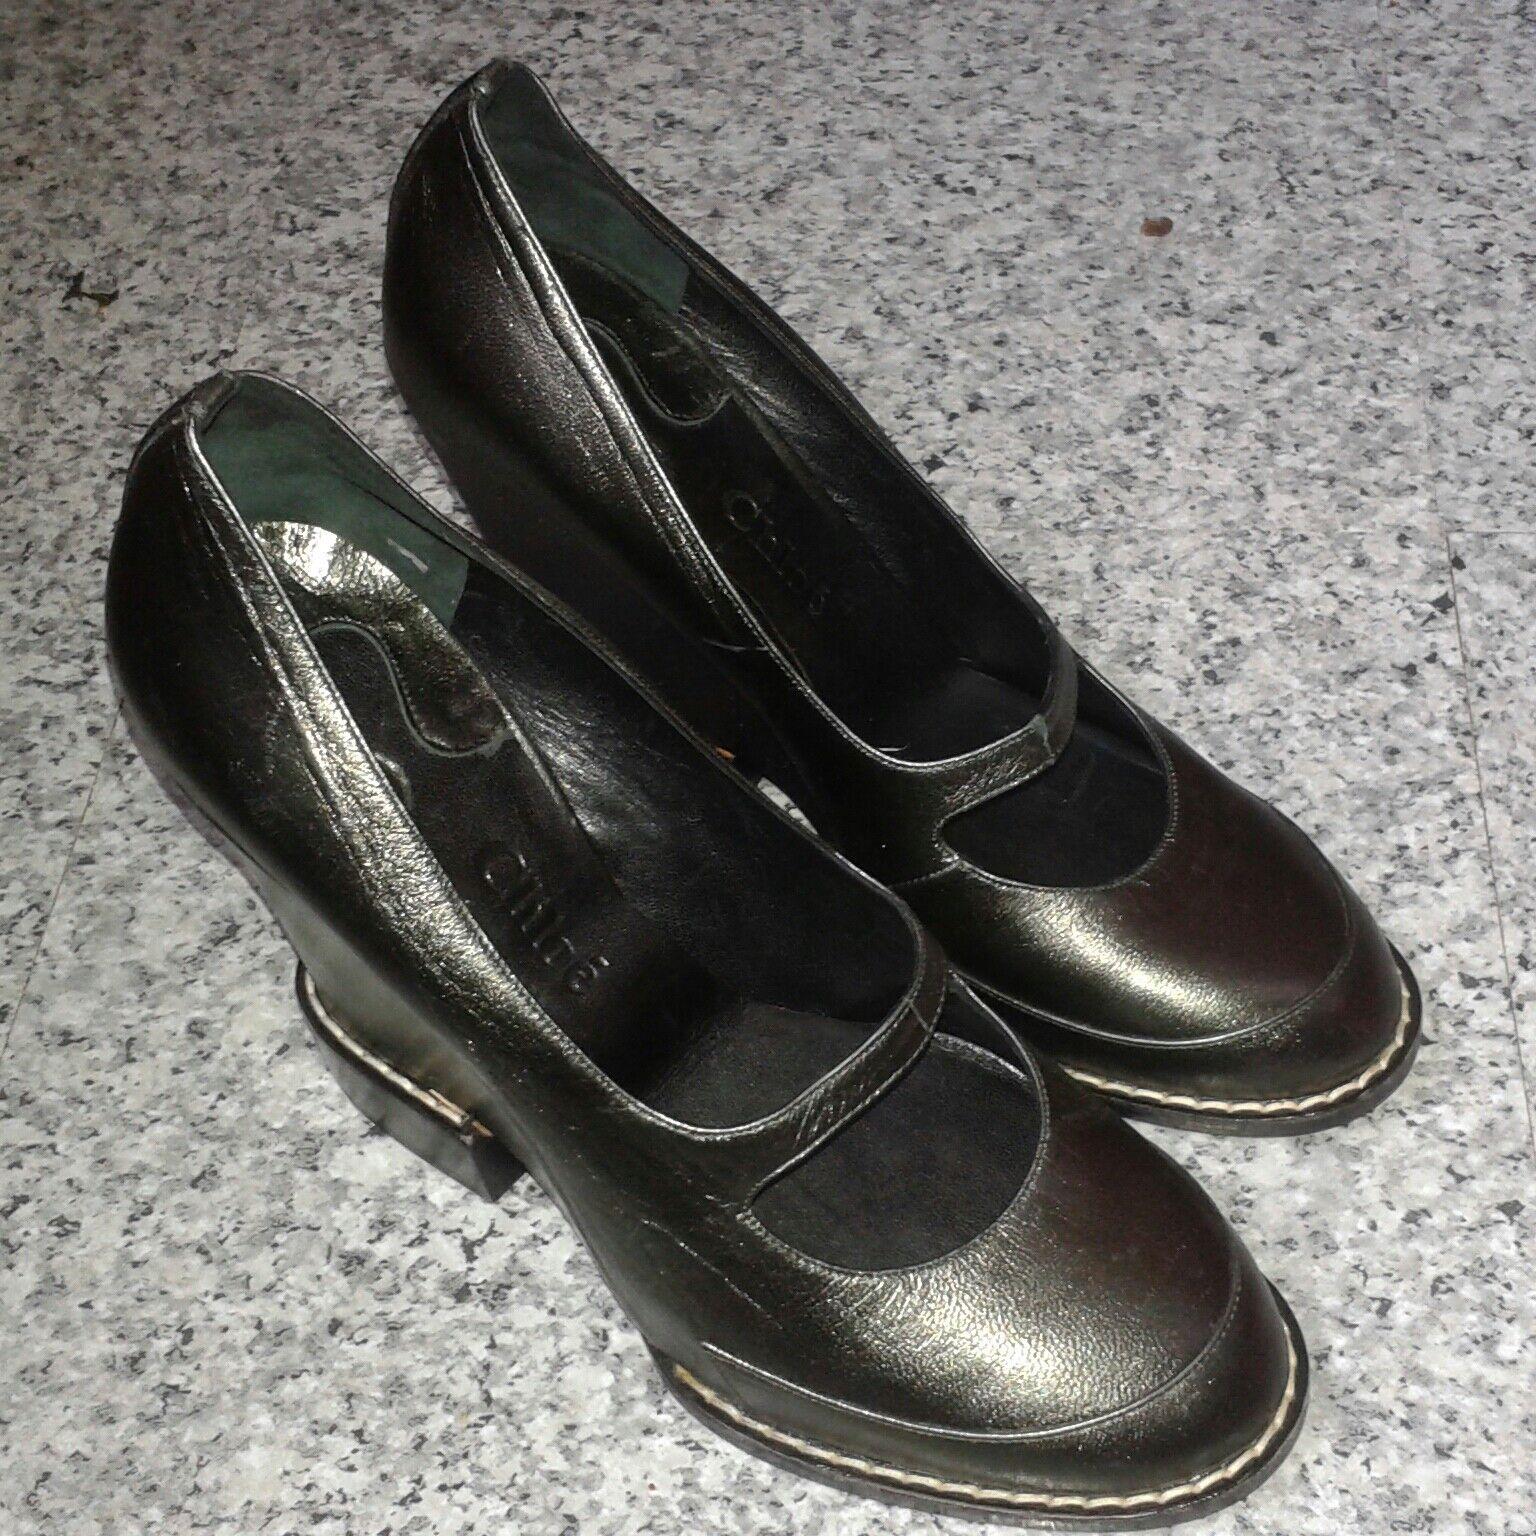 Zapatos De Cuero Cuero Cuero Chloe Mary Jane Cuña Tacón Alto verde Oscuro-UK 5 EU 37  tienda